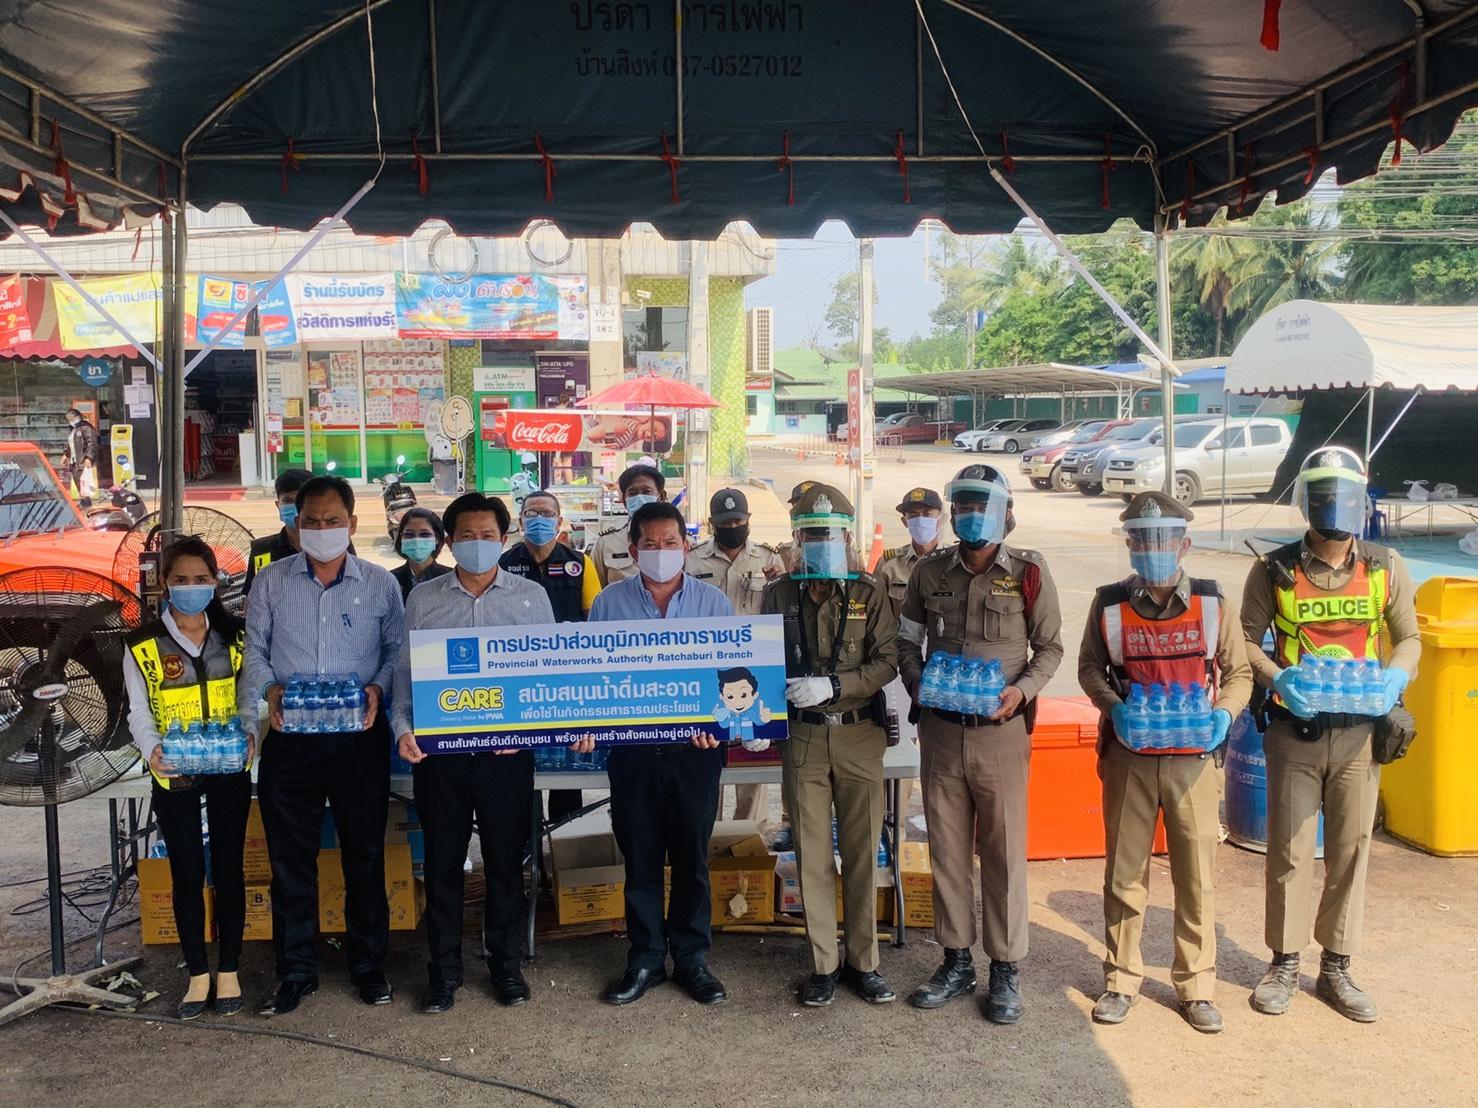 """กปภ.สาขาราชบุรี  สนับสนุนน้ำดื่ม กปภ.""""ด่านคัดกรองป้องกันความเสี่ยงจากโรคติดเชื้อไวรัสโคโรนา 2019"""""""